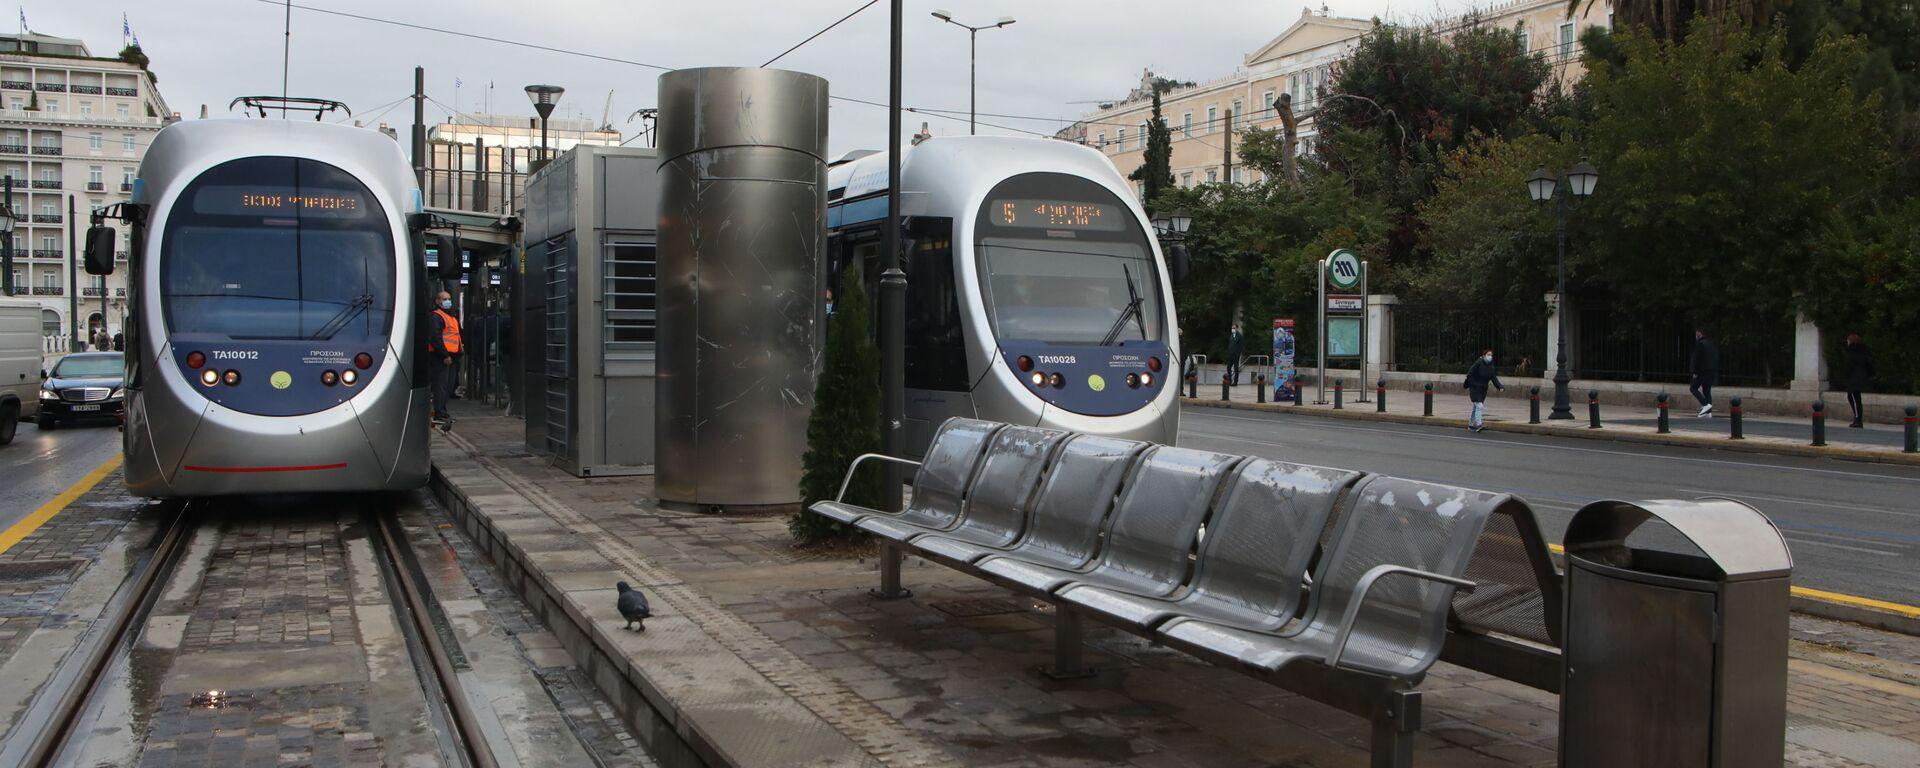 Τραμ στον σταθμό Συντάγματος - Sputnik Ελλάδα, 1920, 14.10.2021